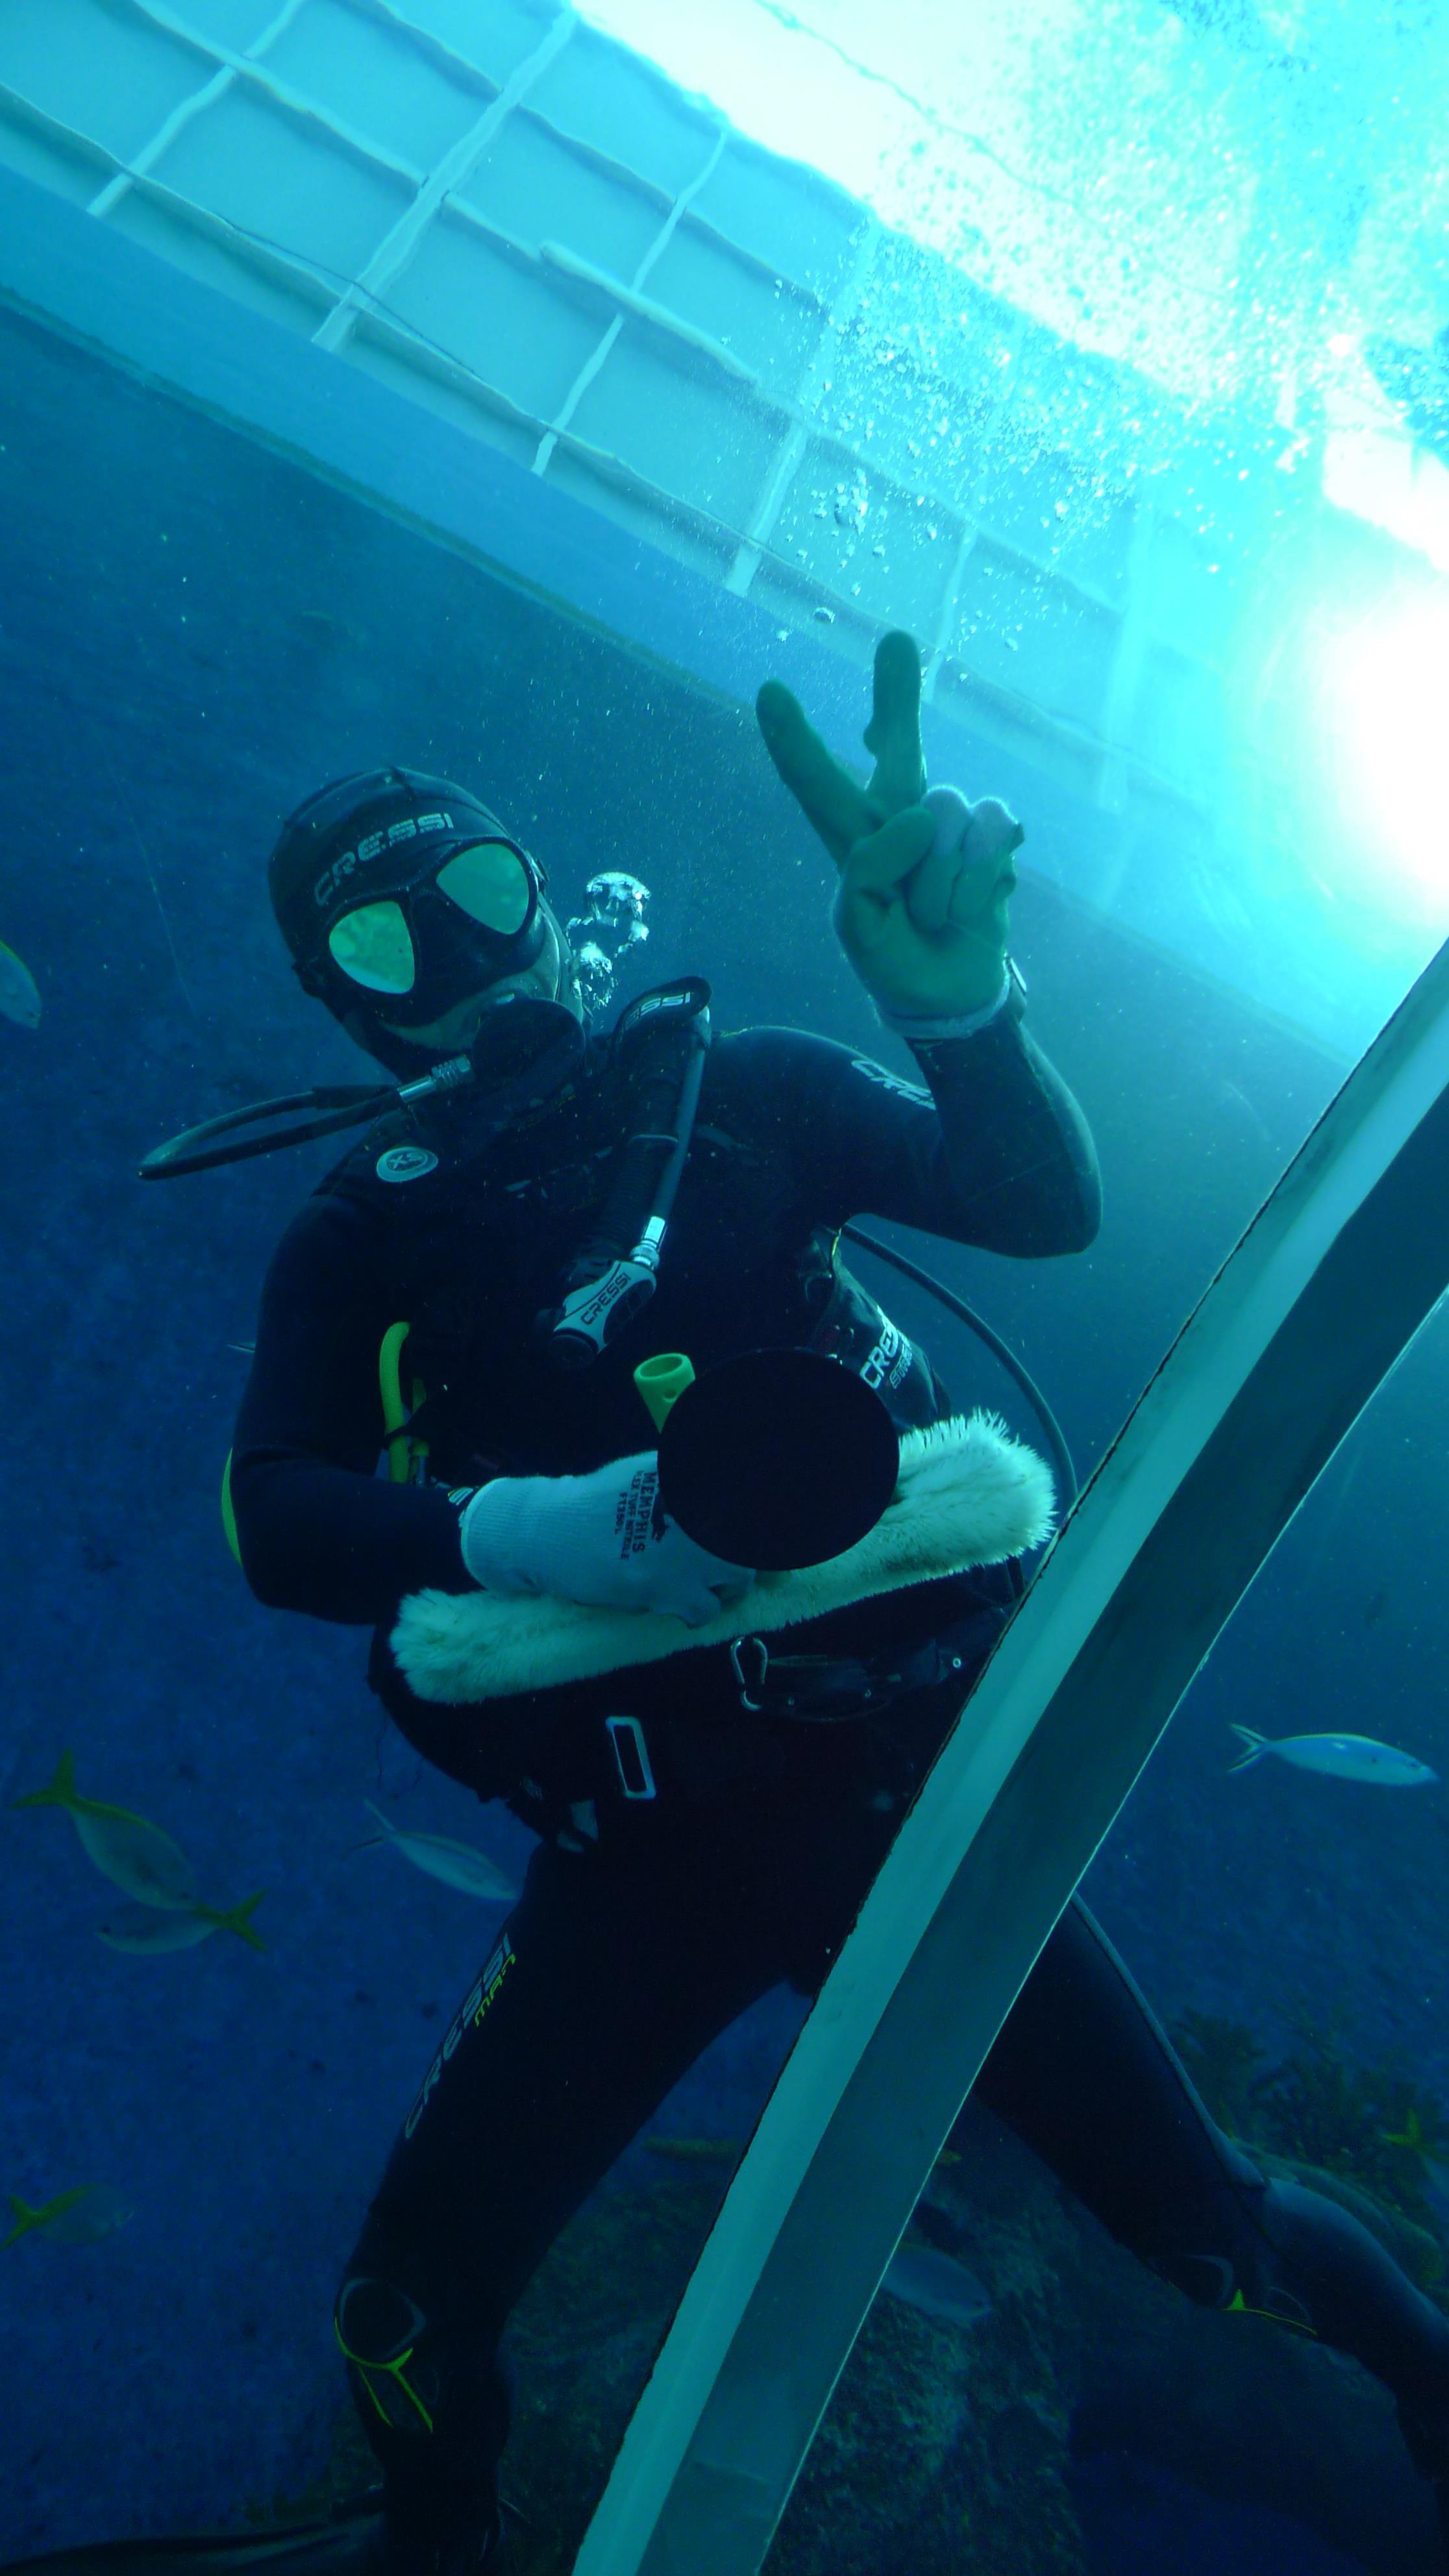 壁纸 动物 海底 海底世界 海洋馆 水族馆 鱼 鱼类 2232_3968 竖版 竖